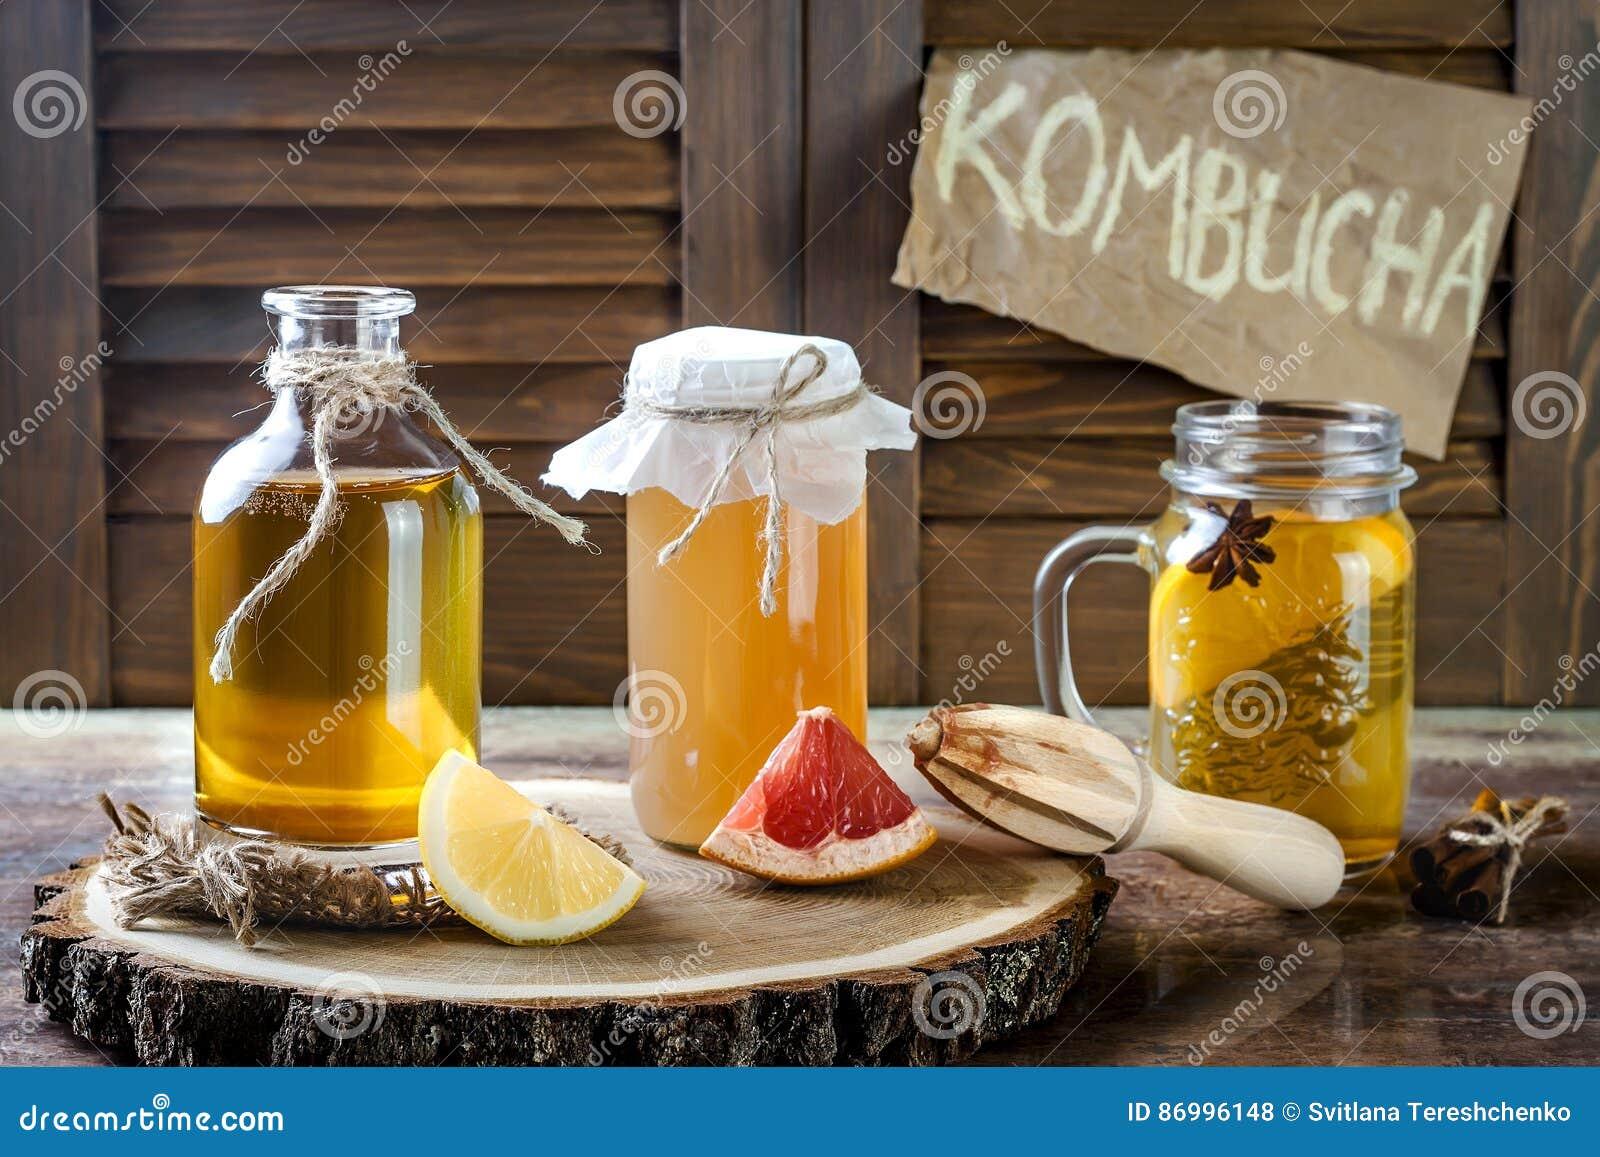 Chá cru fermentado caseiro do kombucha com temperos diferentes Bebida flavored probiótico natural saudável Copie o espaço